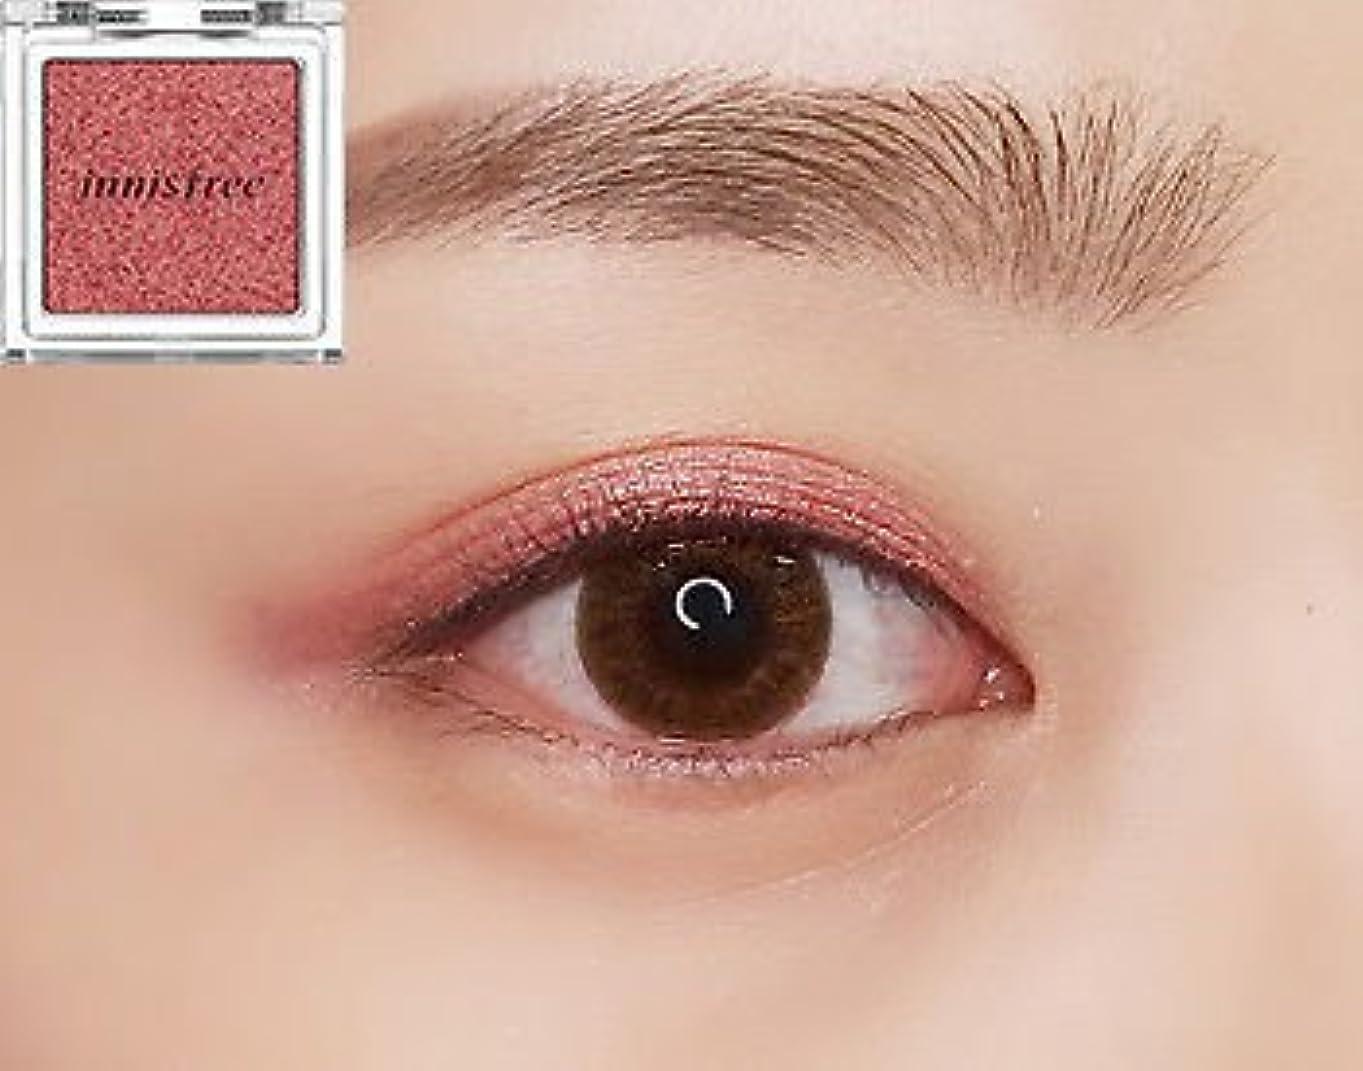 考えた州モール[イニスフリー] innisfree [マイ パレット マイ アイシャドウ (グリッタ一) 25カラー] MY PALETTE My Eyeshadow (Glitter) 25 Shades [海外直送品] (グリッタ...